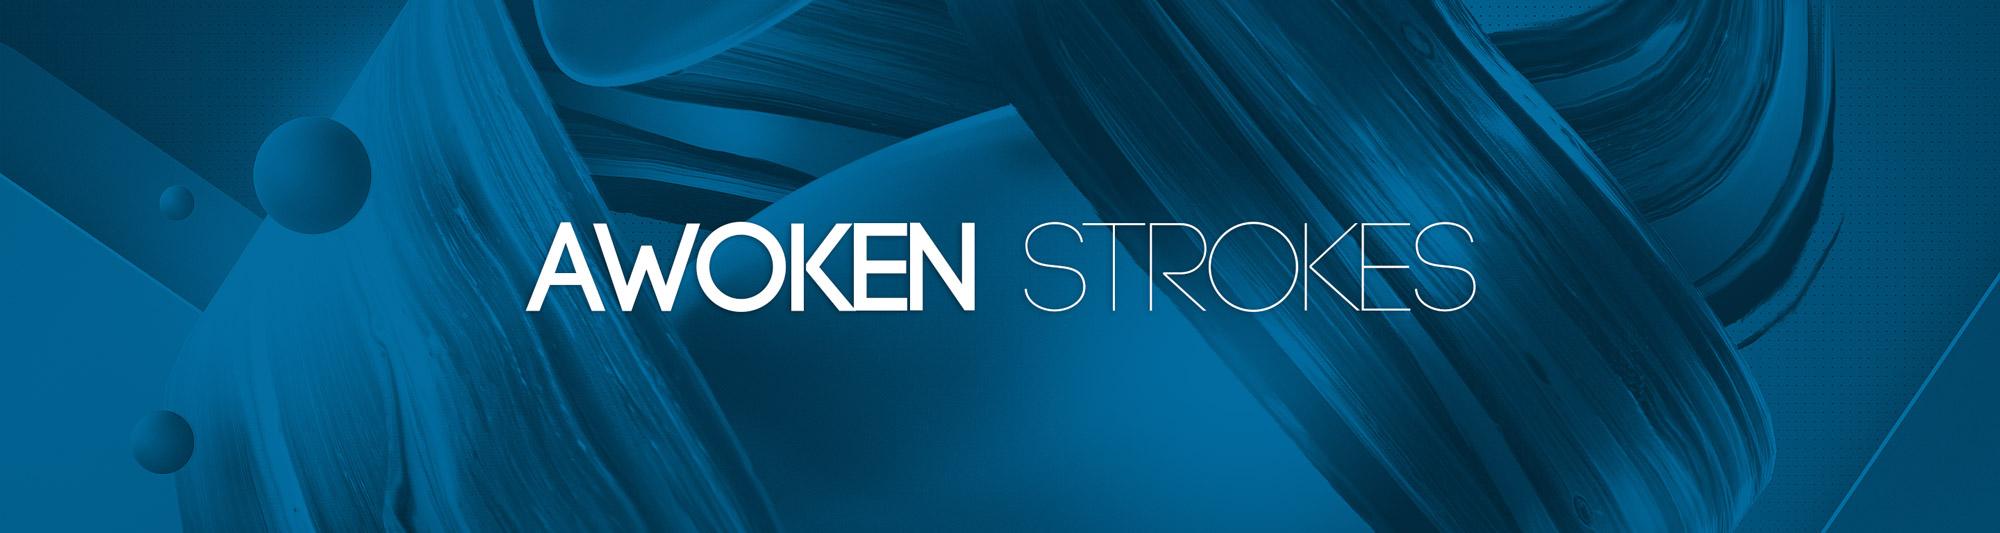 Awoken Strokes